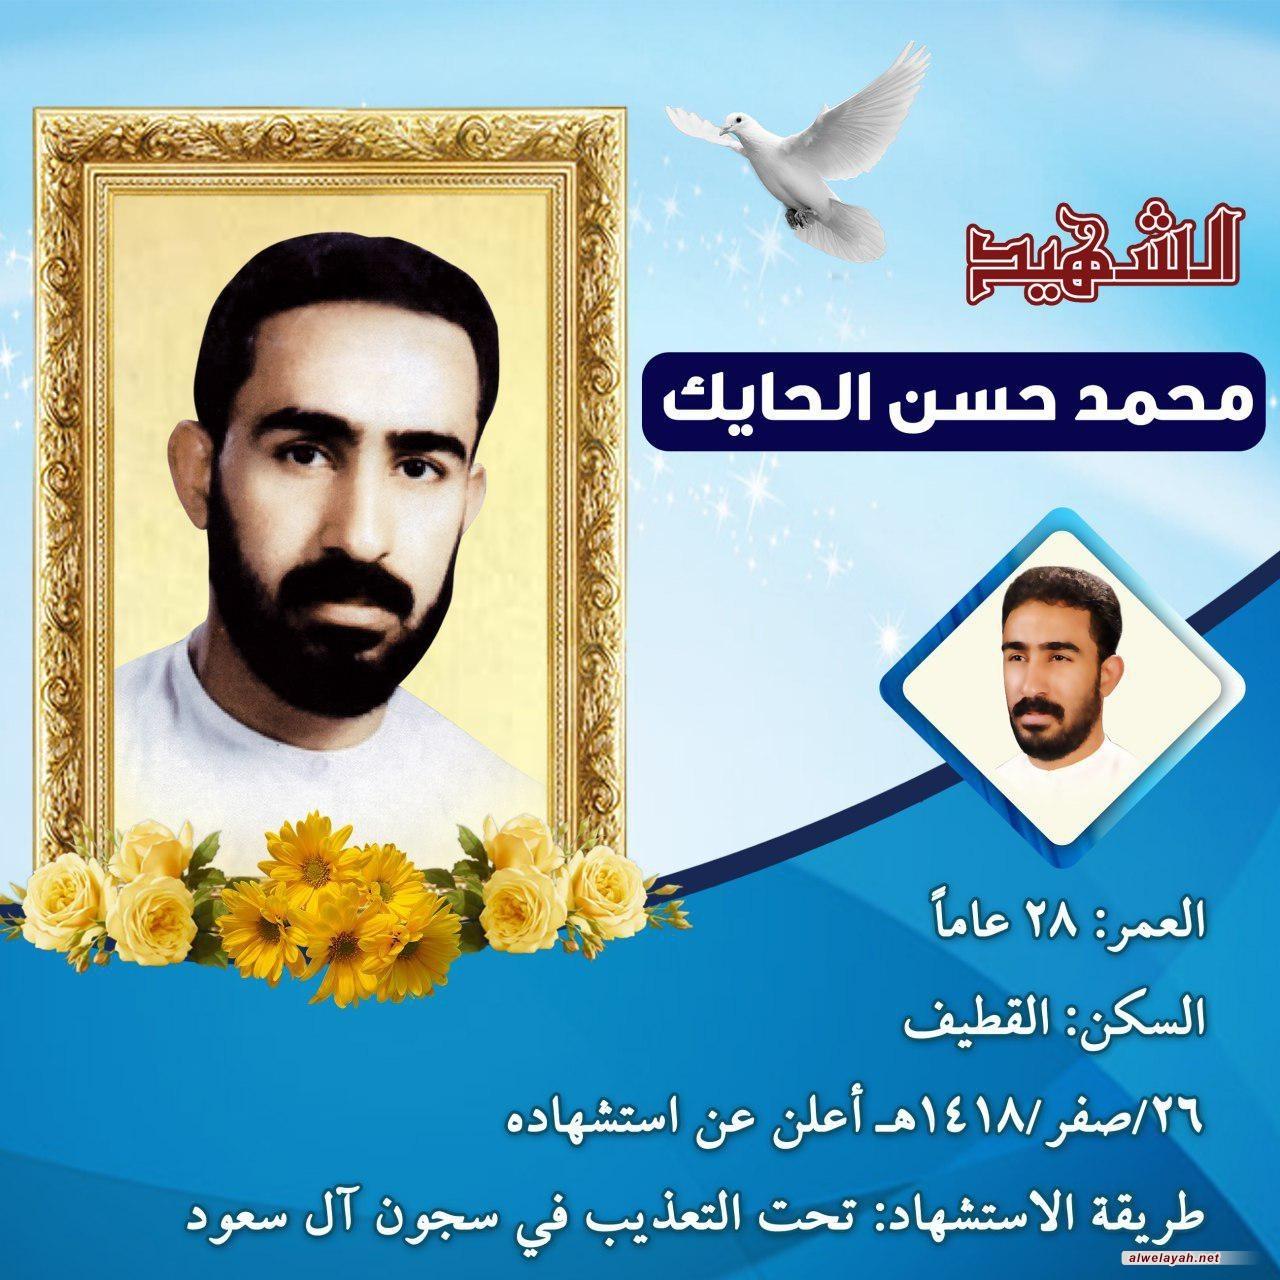 نبذة عن سيرة الشهيد السعيد محمد حسن الحايك في ذكرى استشهاده